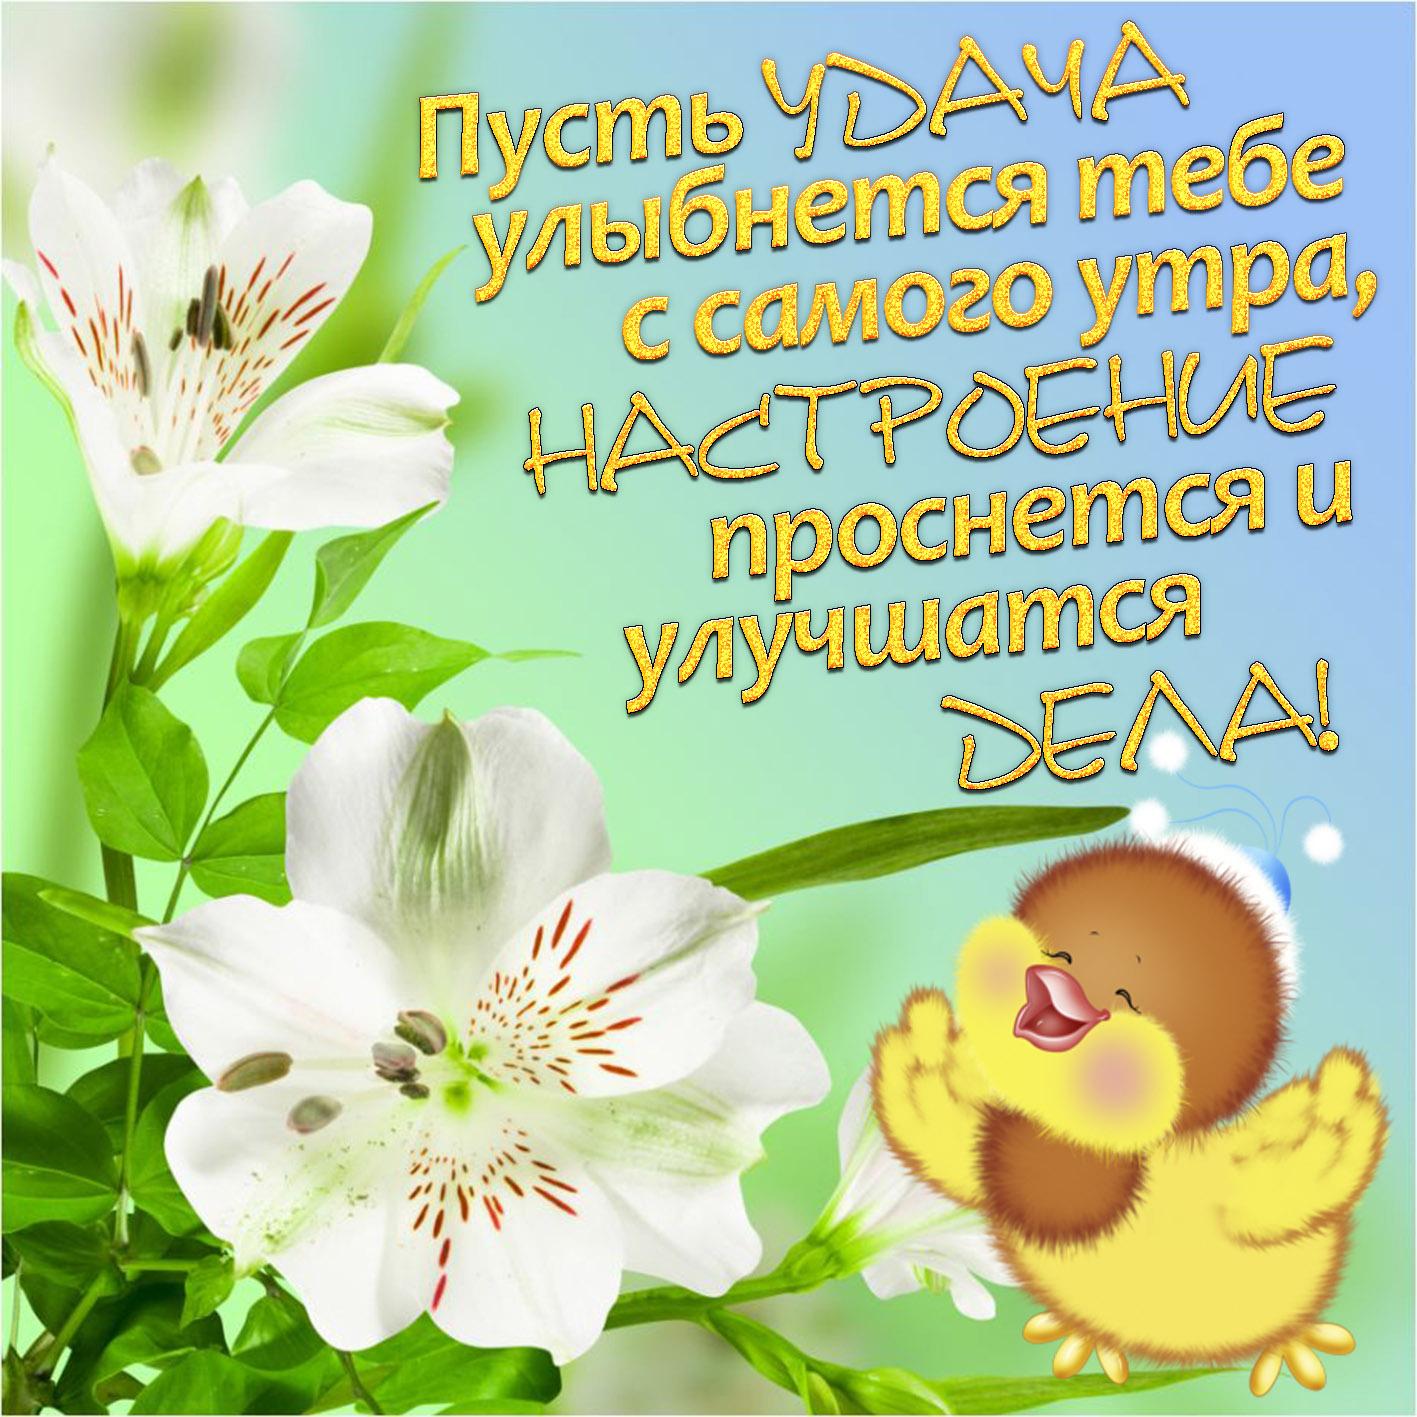 Открытки хорошего дня и удачи во всем